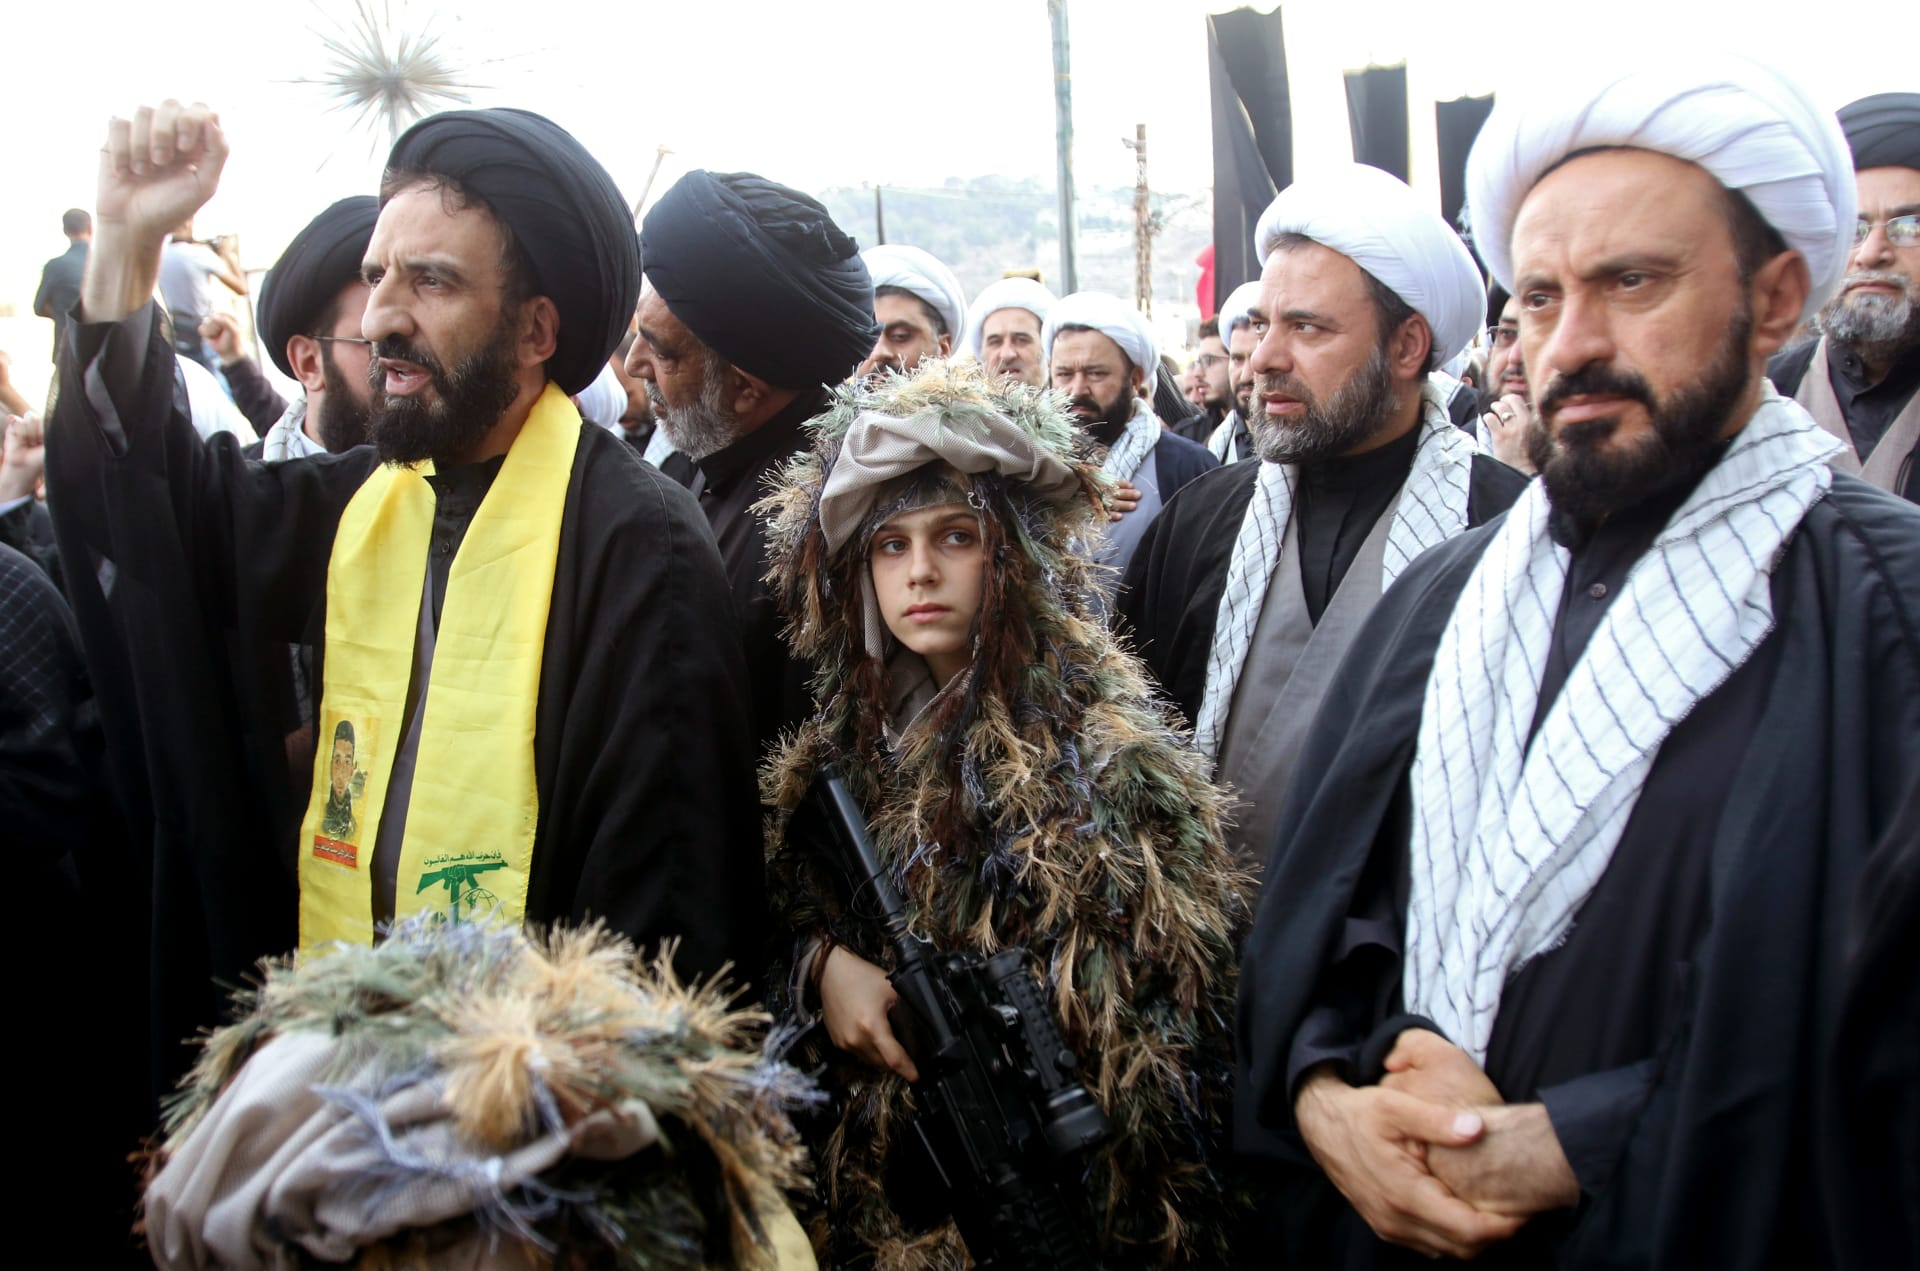 أمريكا: 3 قوانين لمعاقبة حزب الله بتهم بينها الإرهاب وتجارة المخدرات